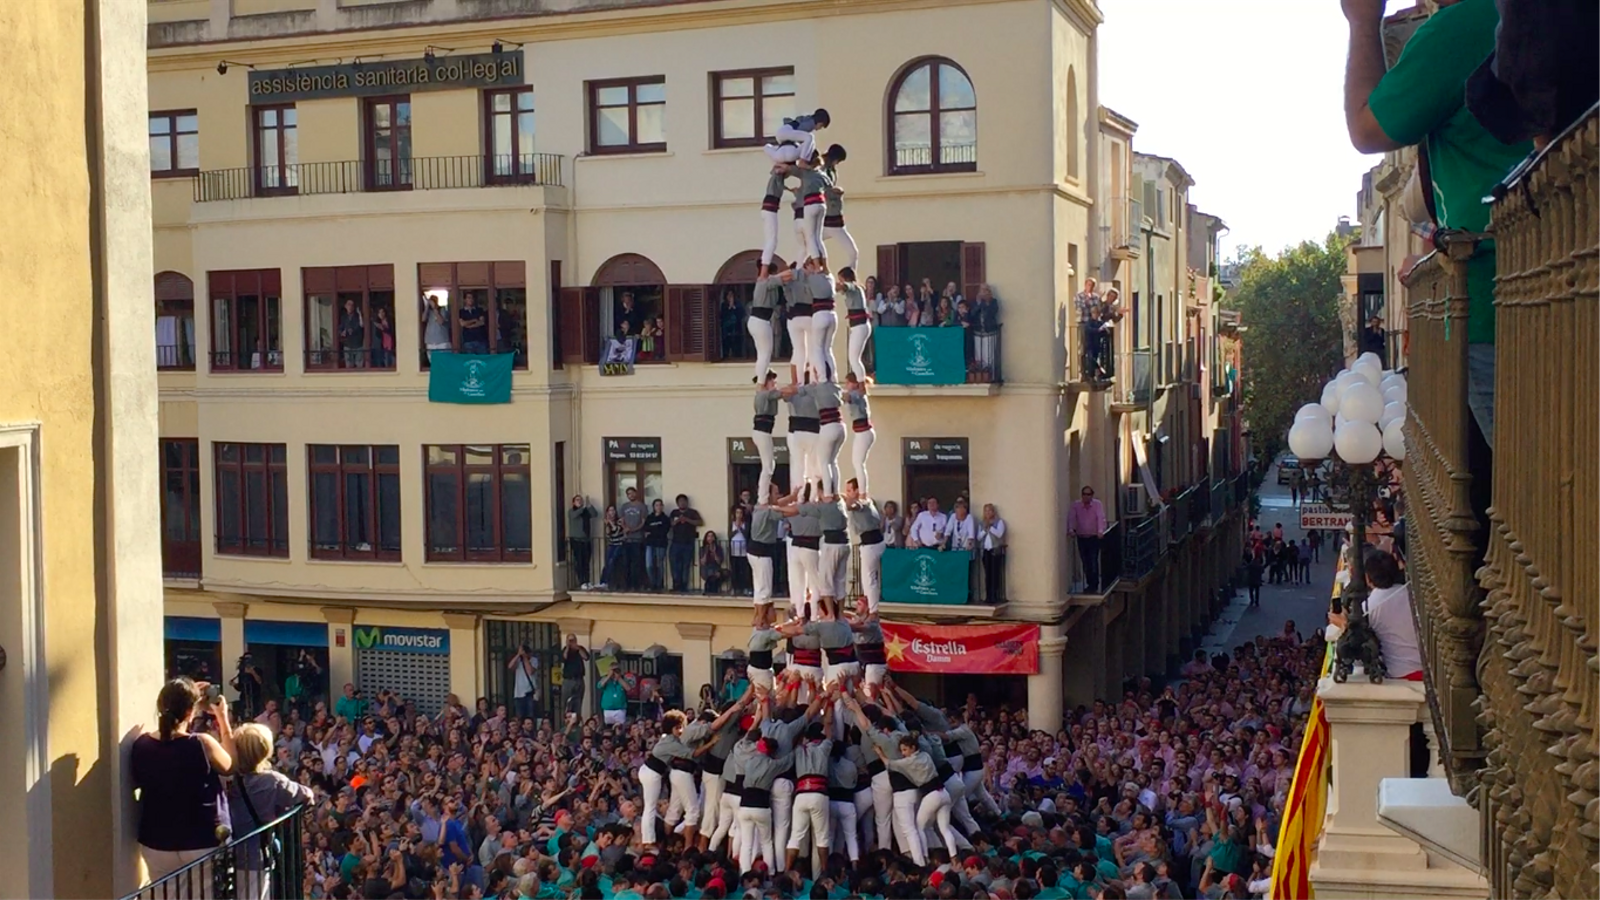 Els Castellers de Sants descarreguen el seu primer 5d9f a la diada de Tots Sants